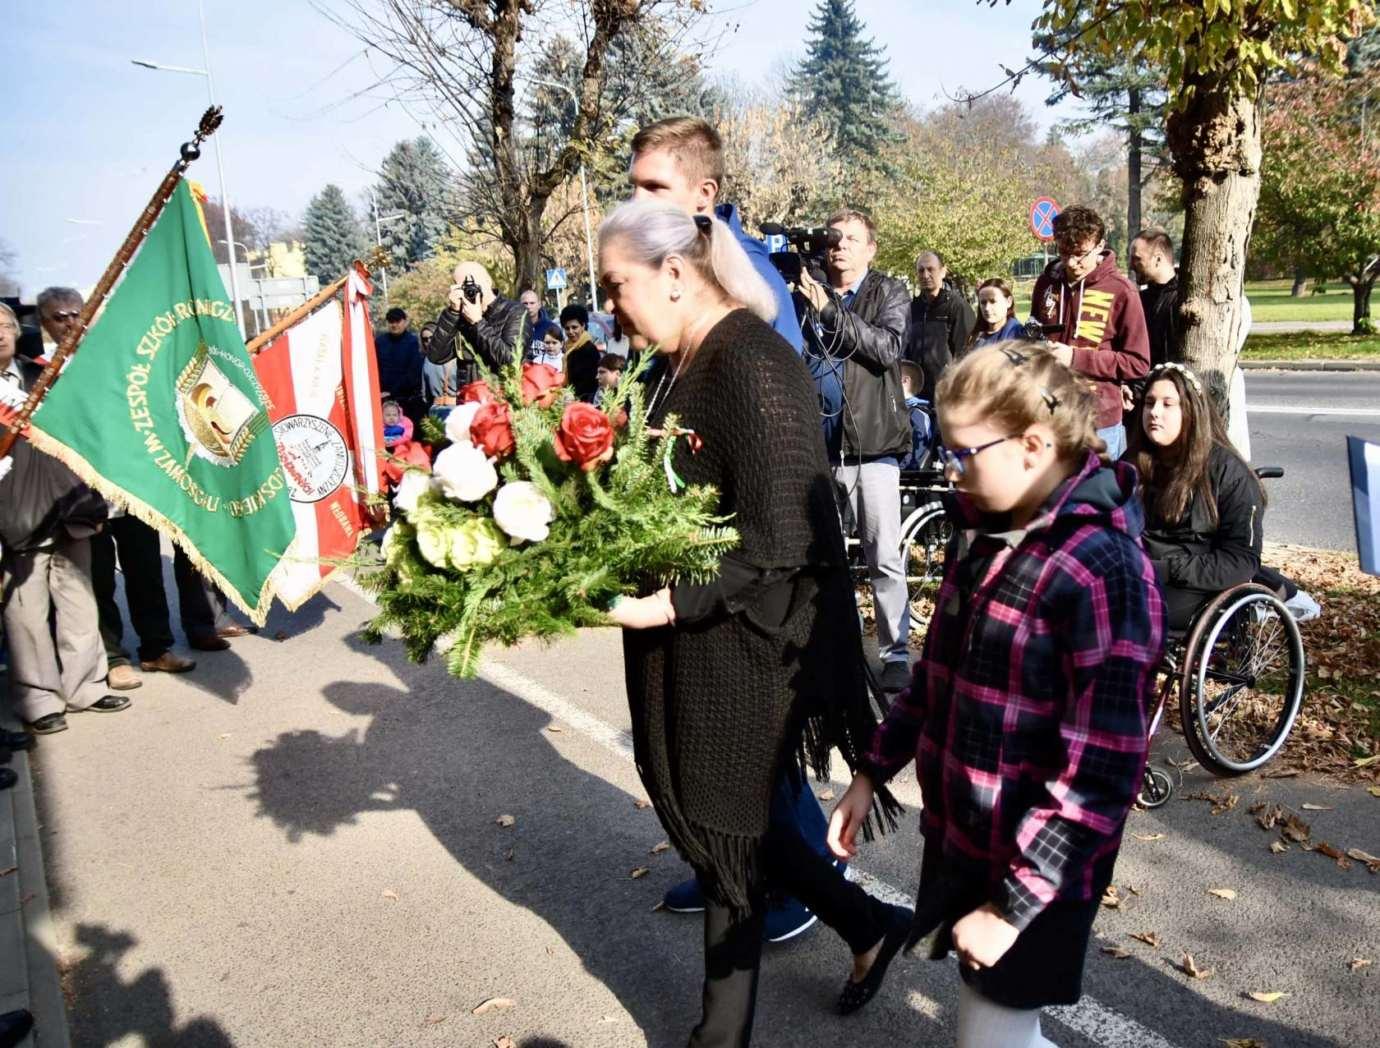 dsc 9499 Zamość: Obchody Narodowego Święta Węgier [ZDJĘCIA, FILM]